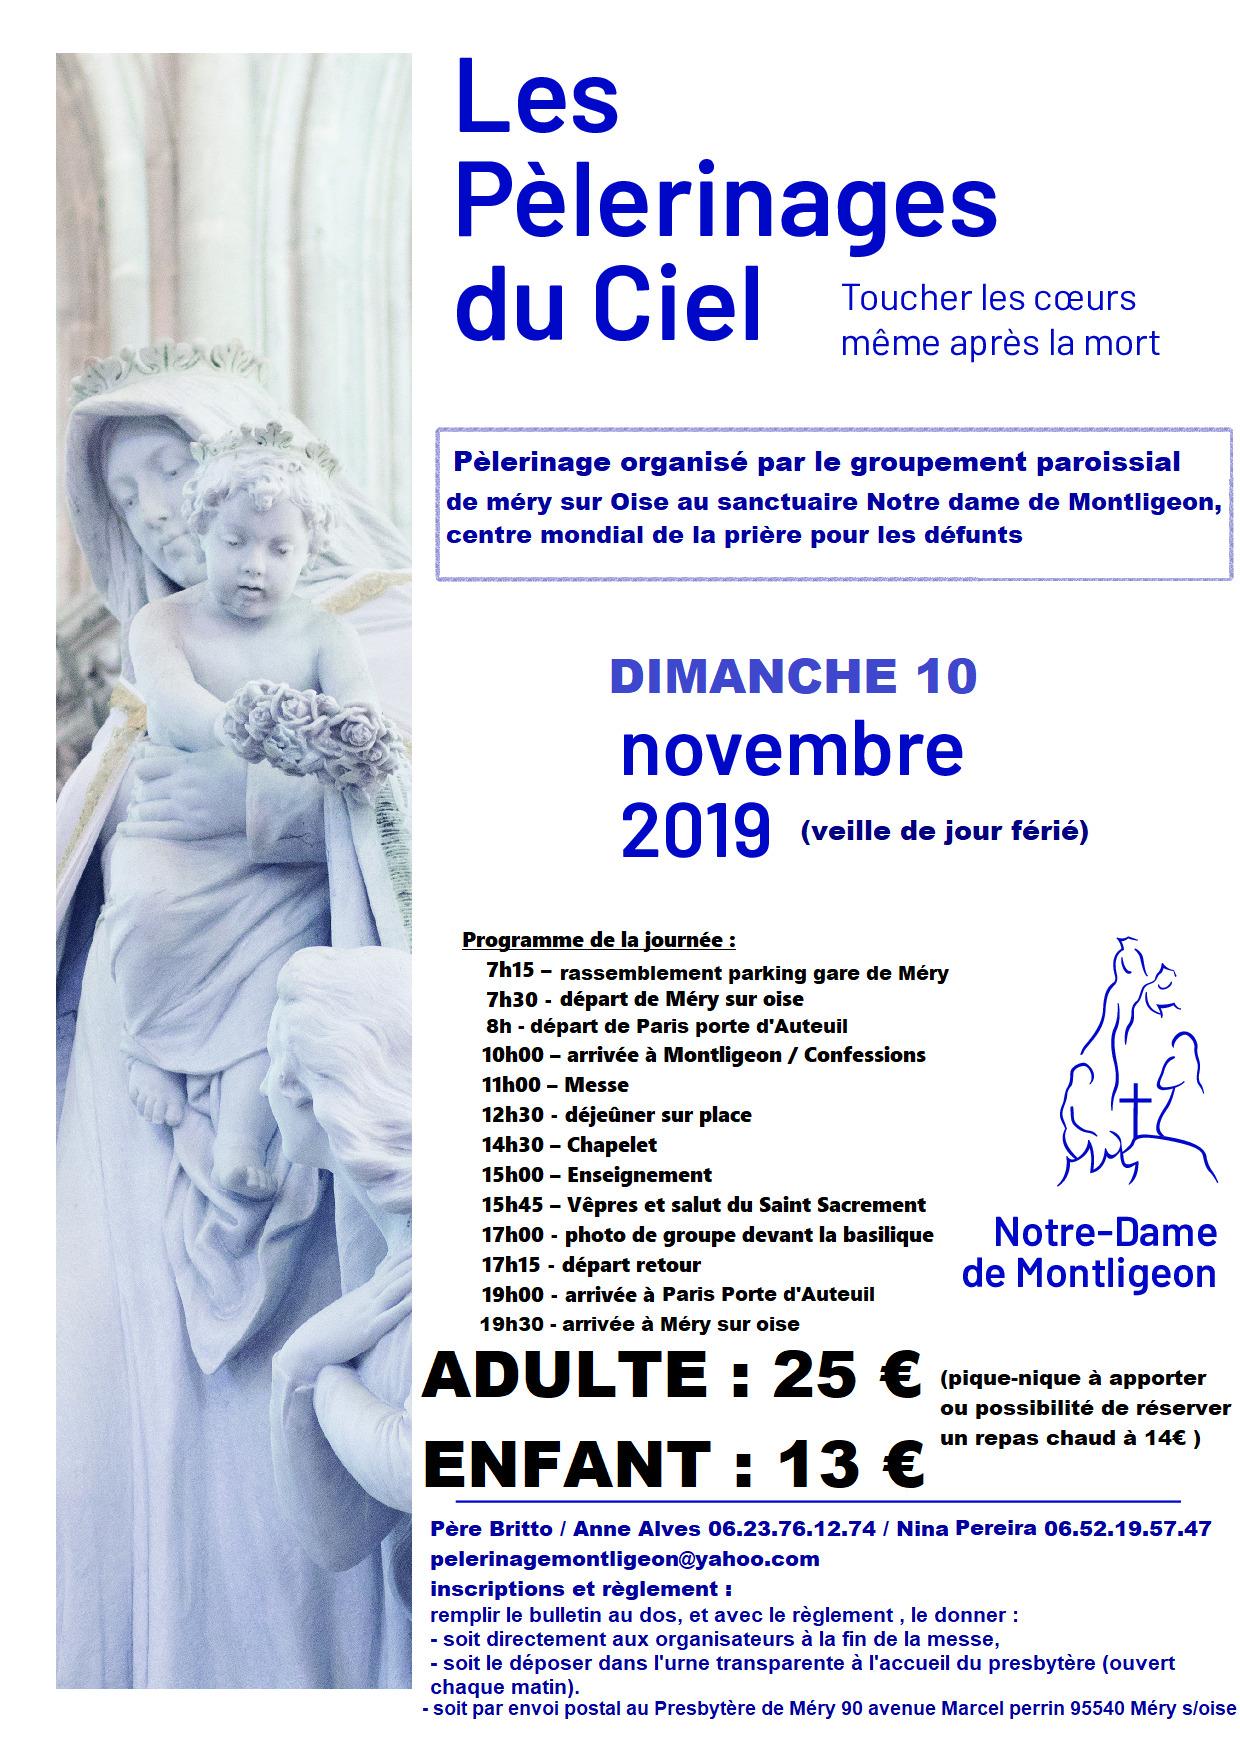 Pèlerinage en car pour Montligeon (61) au départ de Paris et de Méry-sur-Oise (95) en faveur des défunts et des âmes du purgatoire le 10 novembre 2019